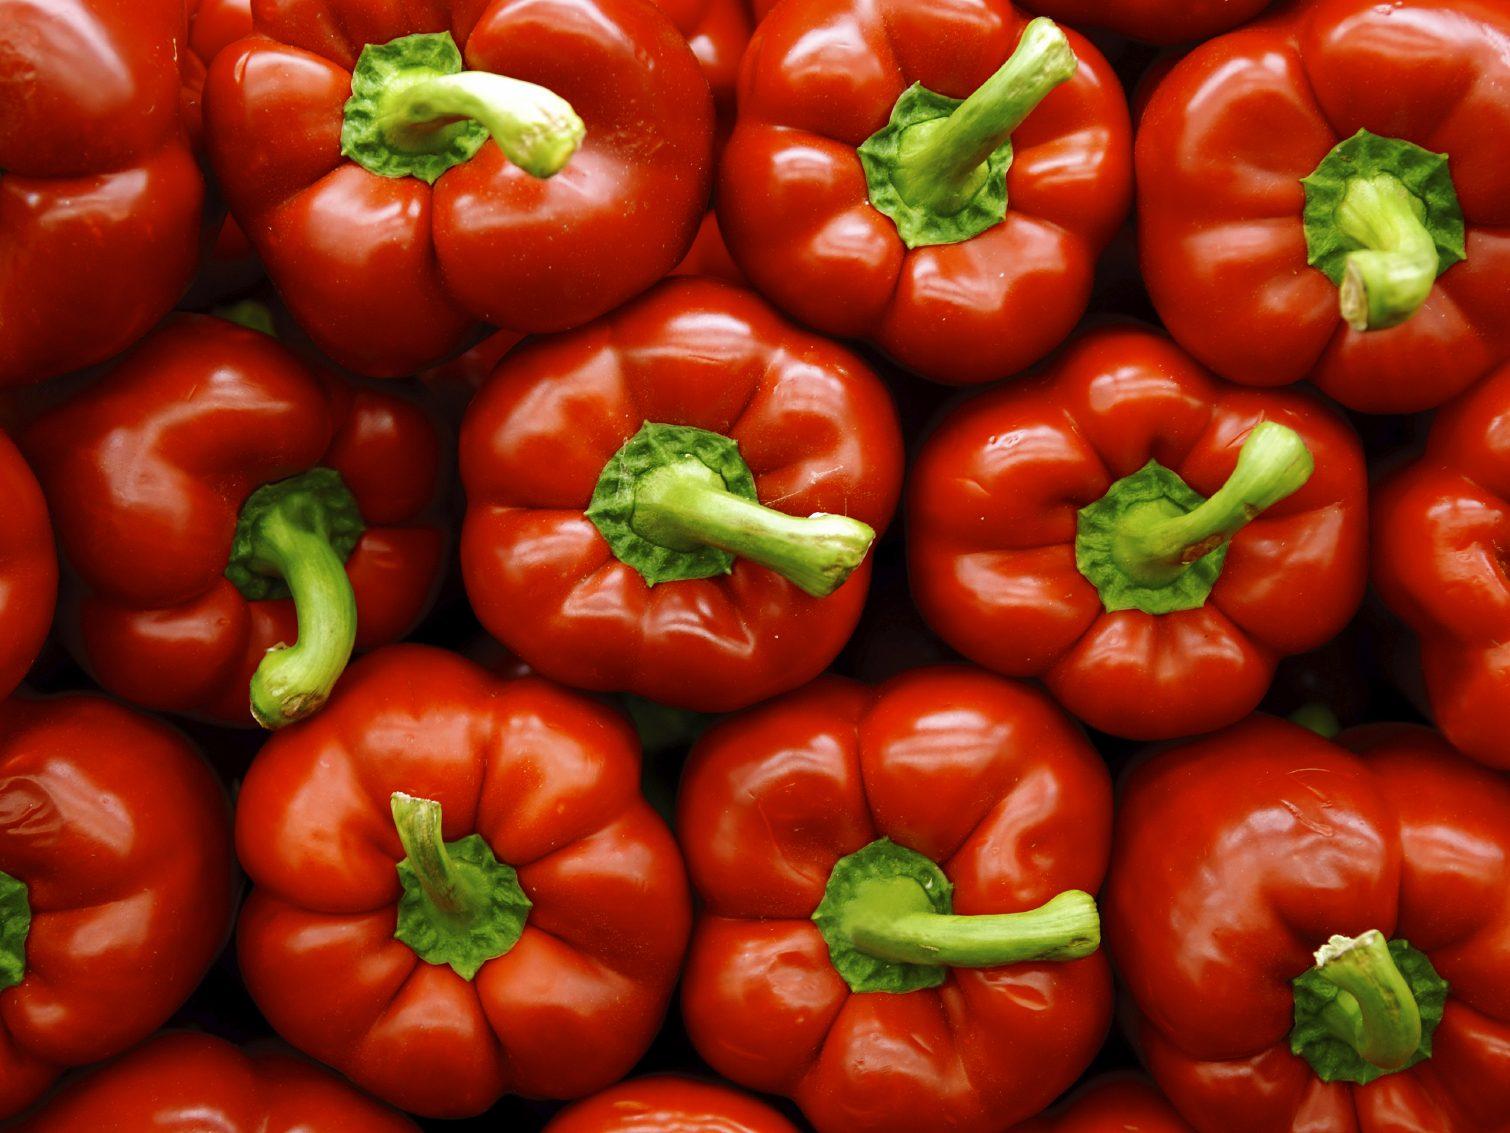 Les aliments riches en vitamines C,comme le poivron rouge ou vert, fortifie le système immunitaire.